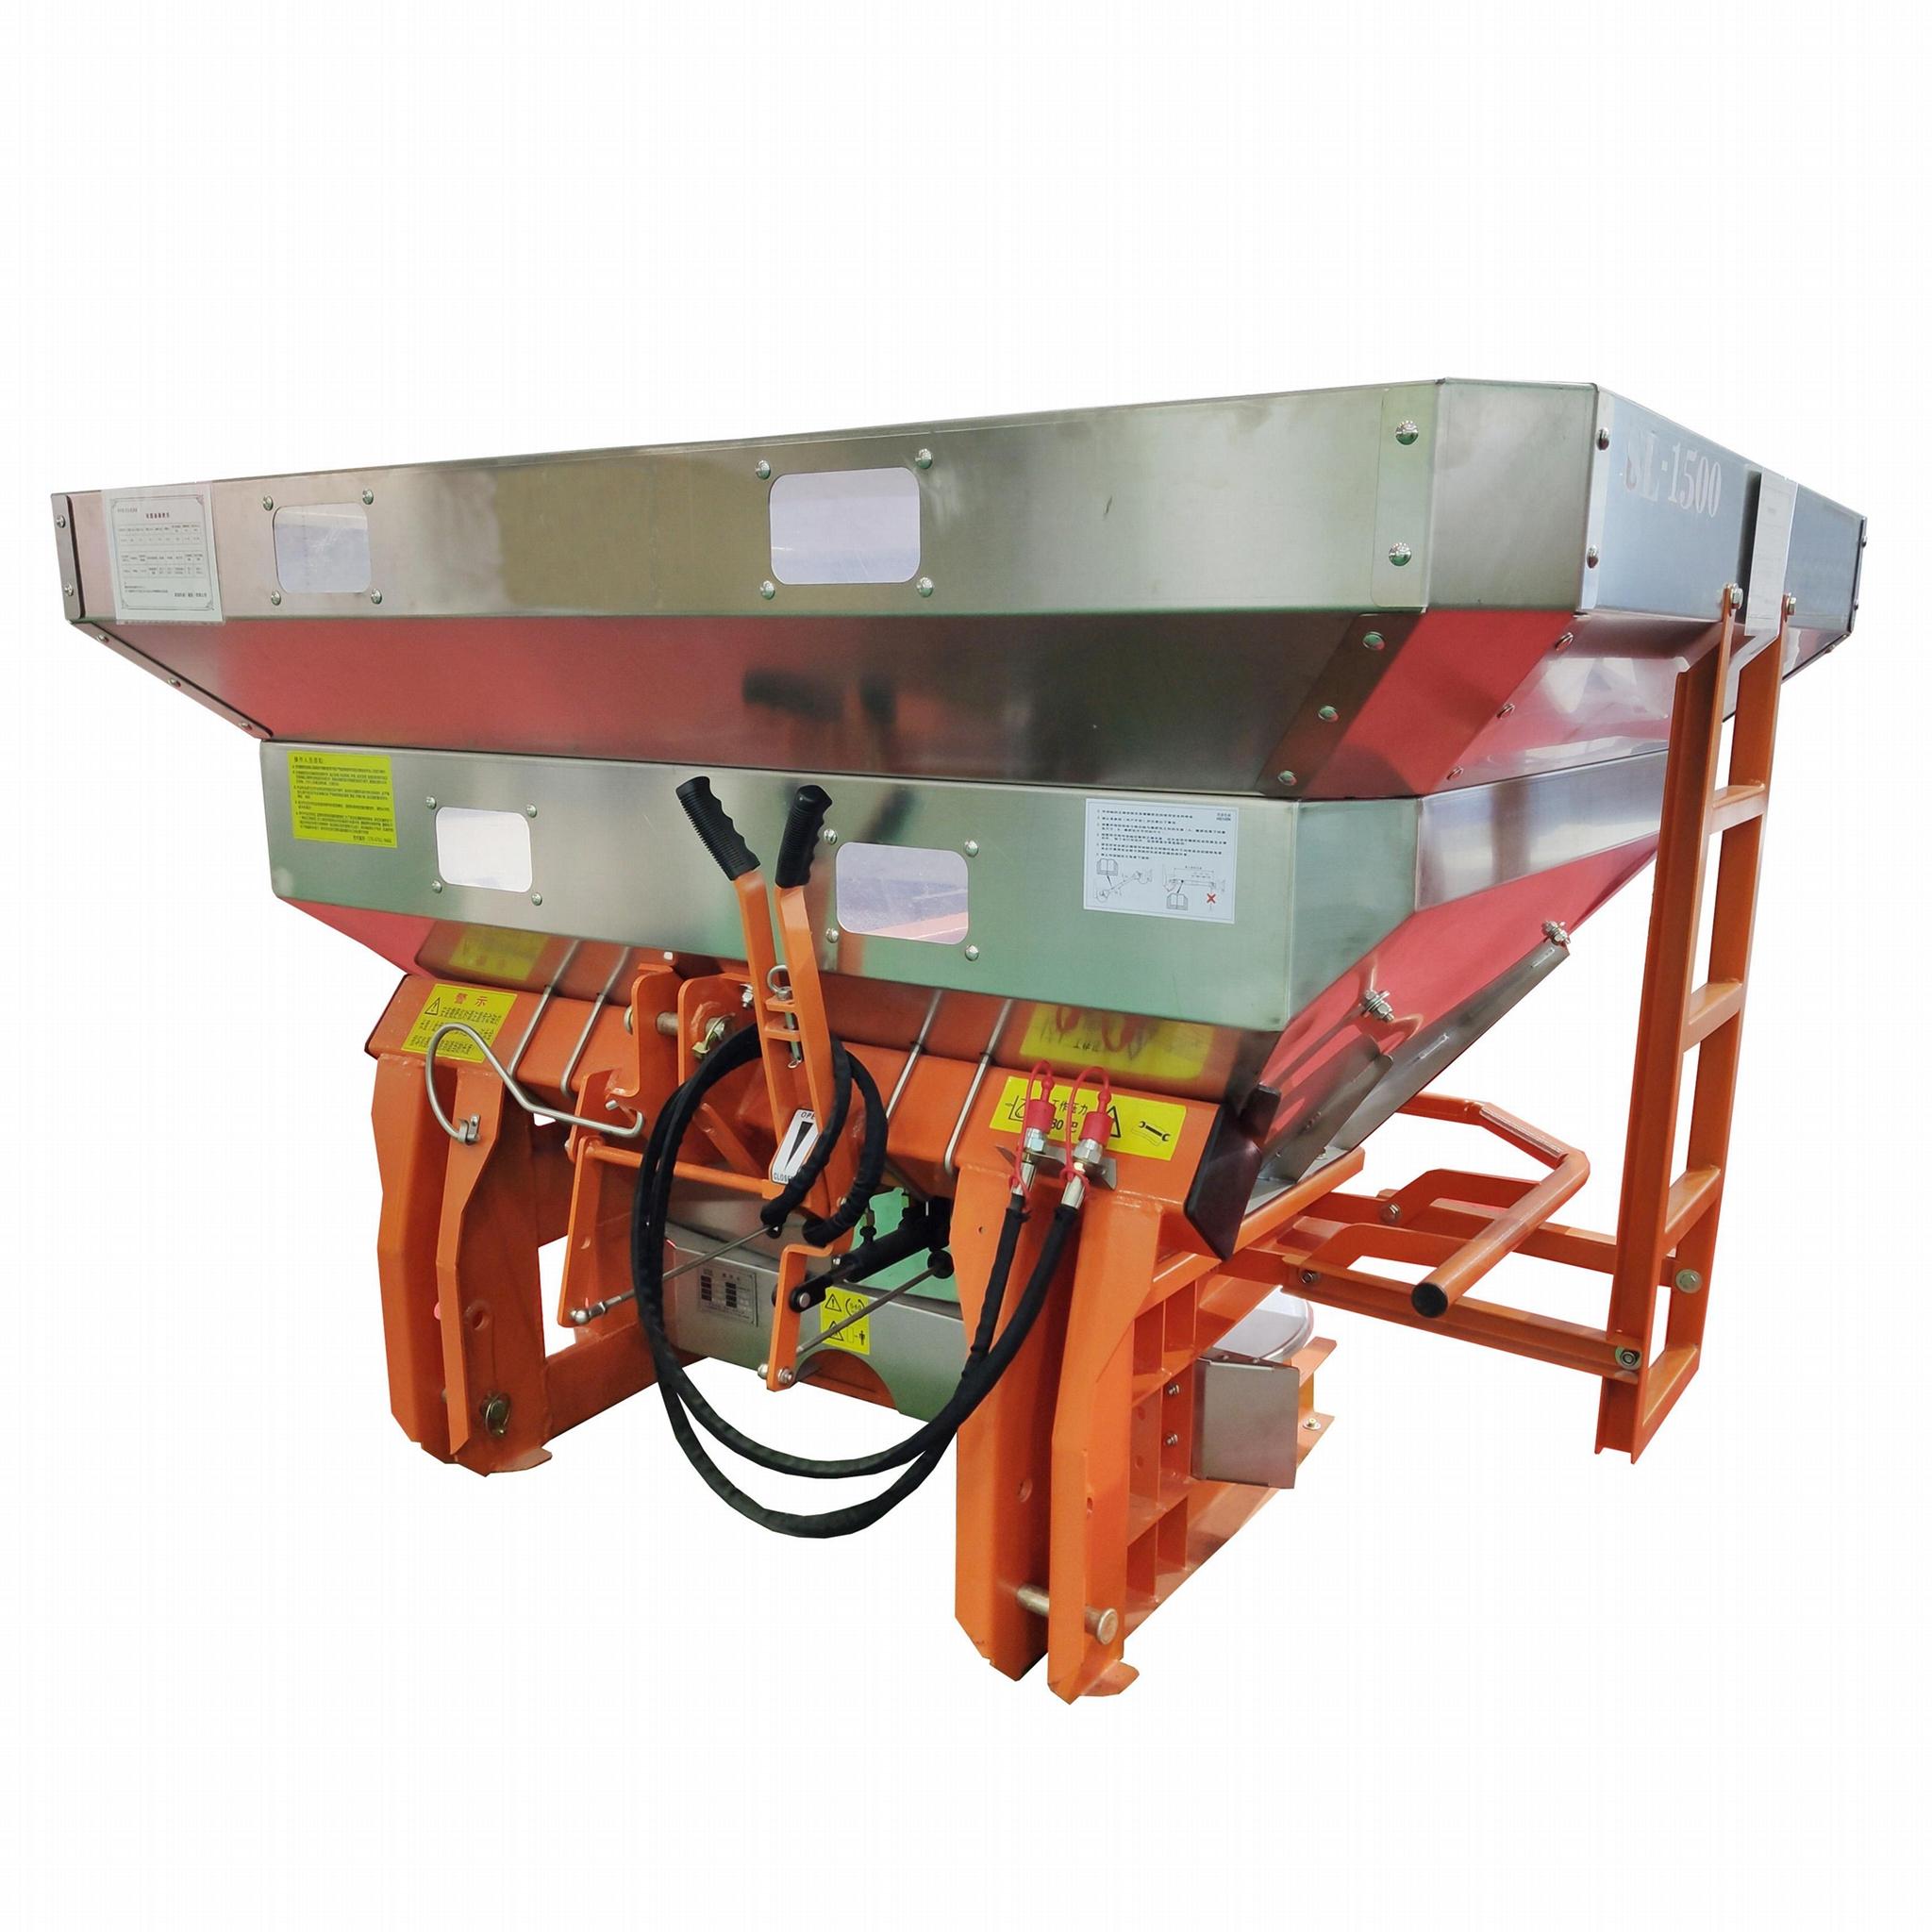 Tractor trailed fertilizer spreader machine